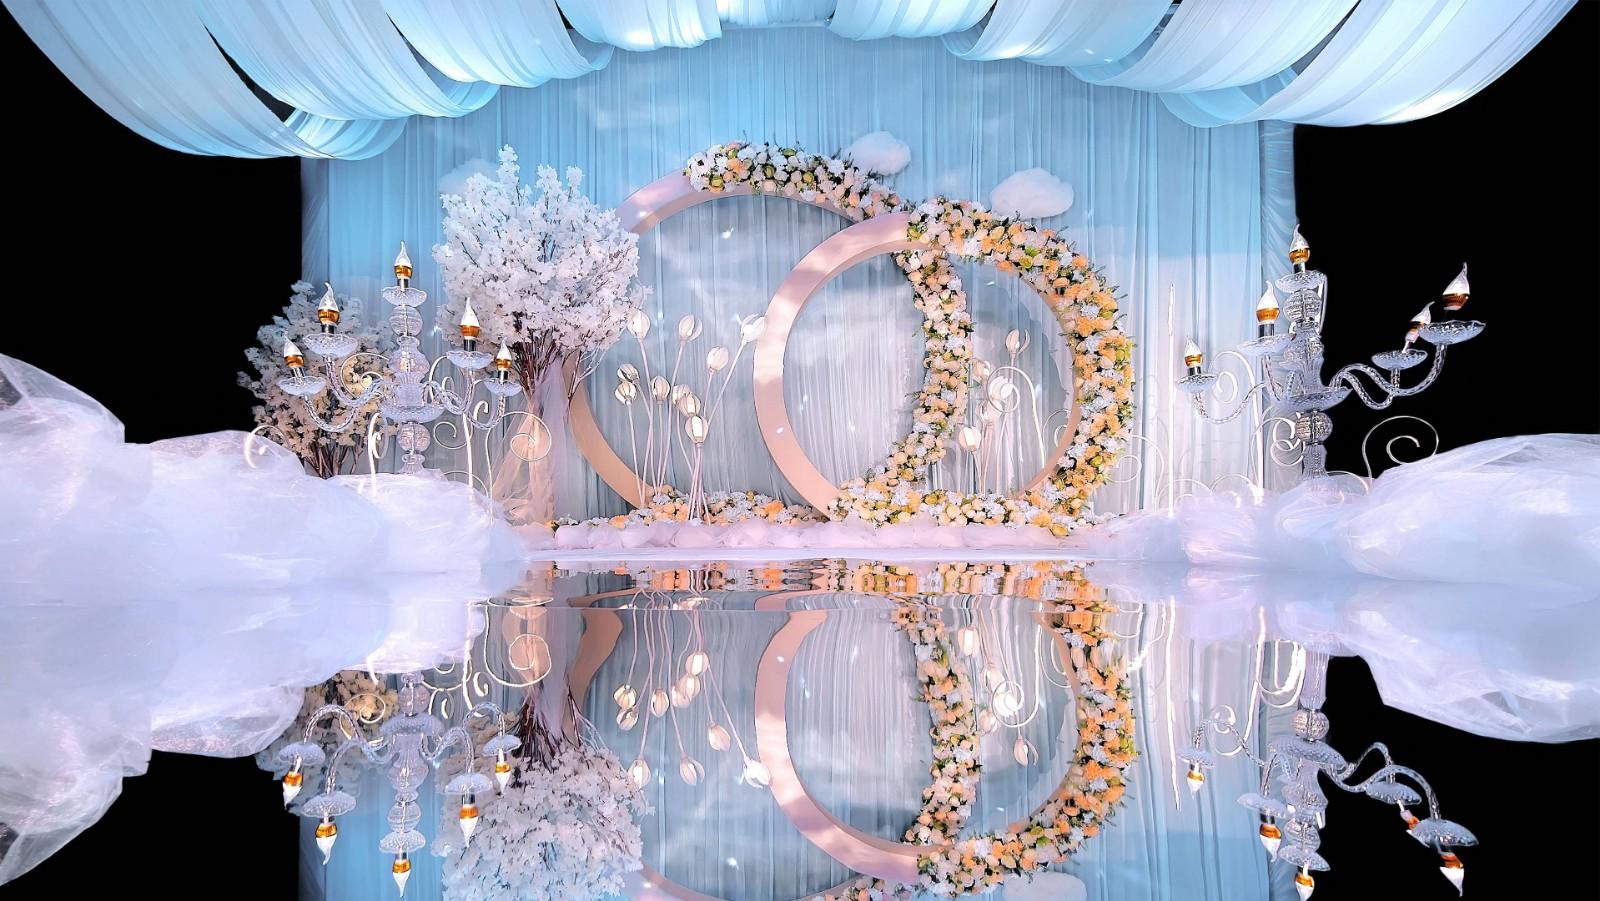 婚礼主持人要注重哪些礼仪 婚礼主持人必须具备的礼仪